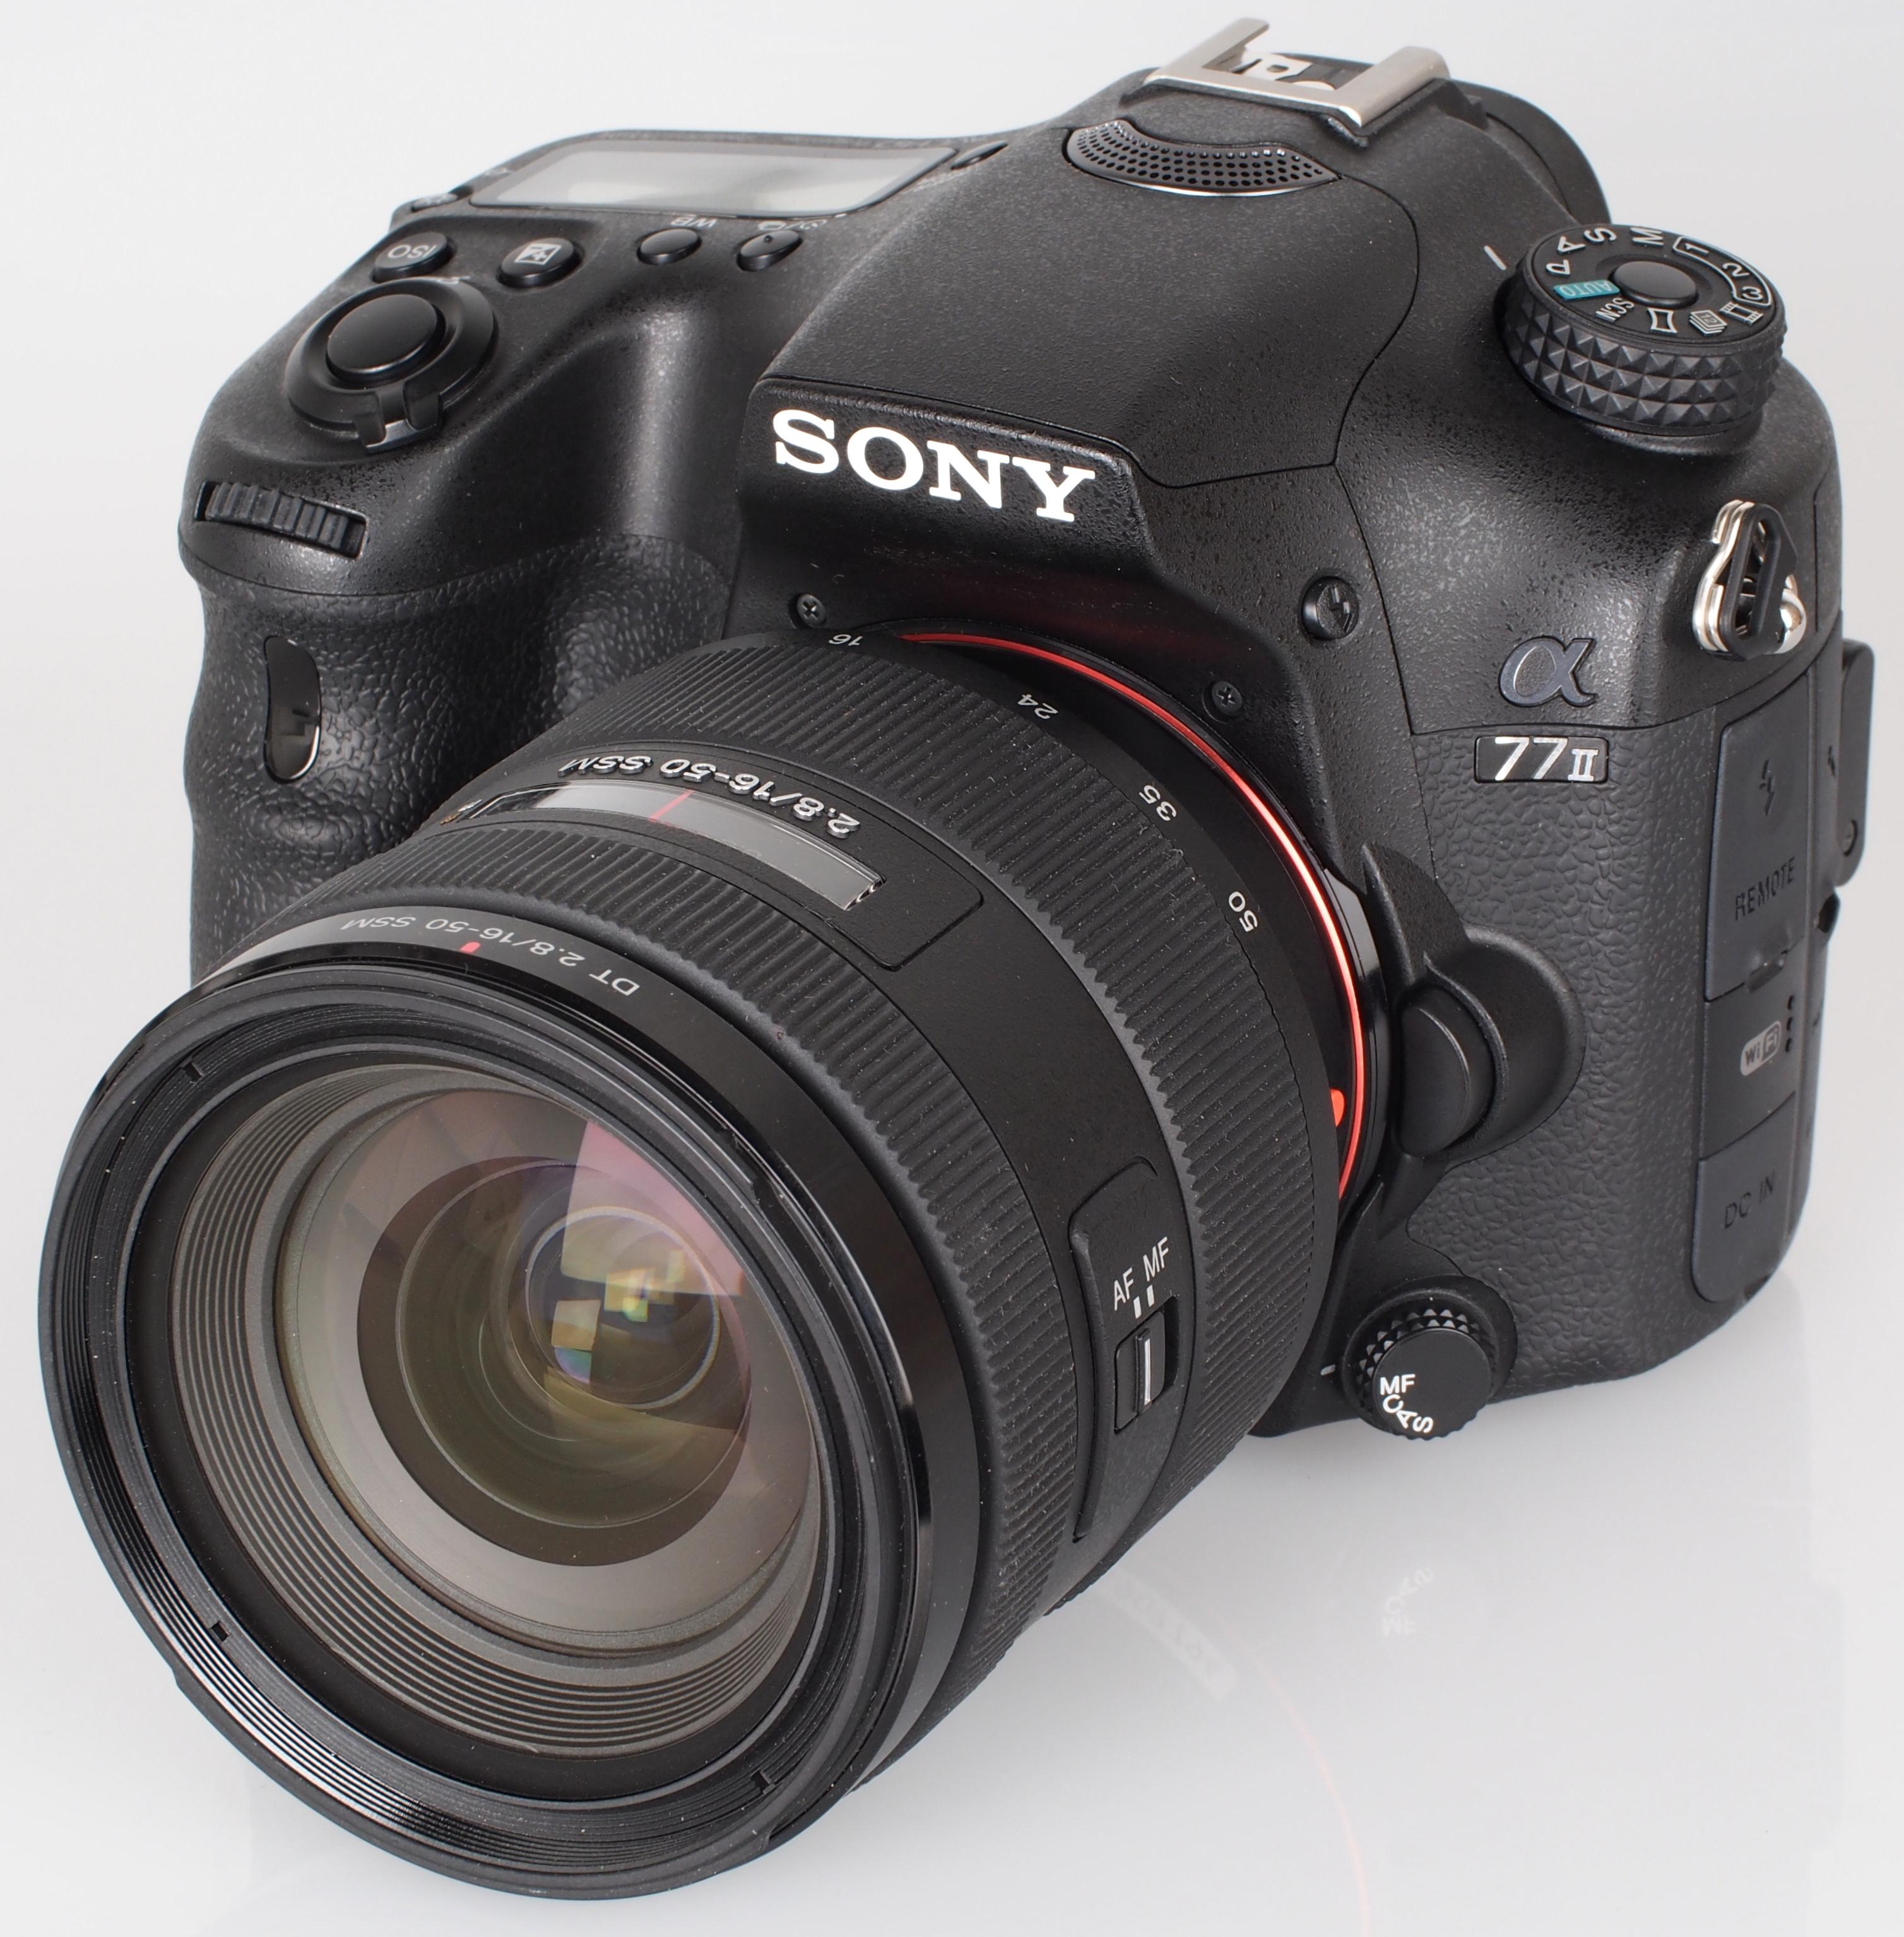 Sony Alpha A77 II SLT DSLR Review